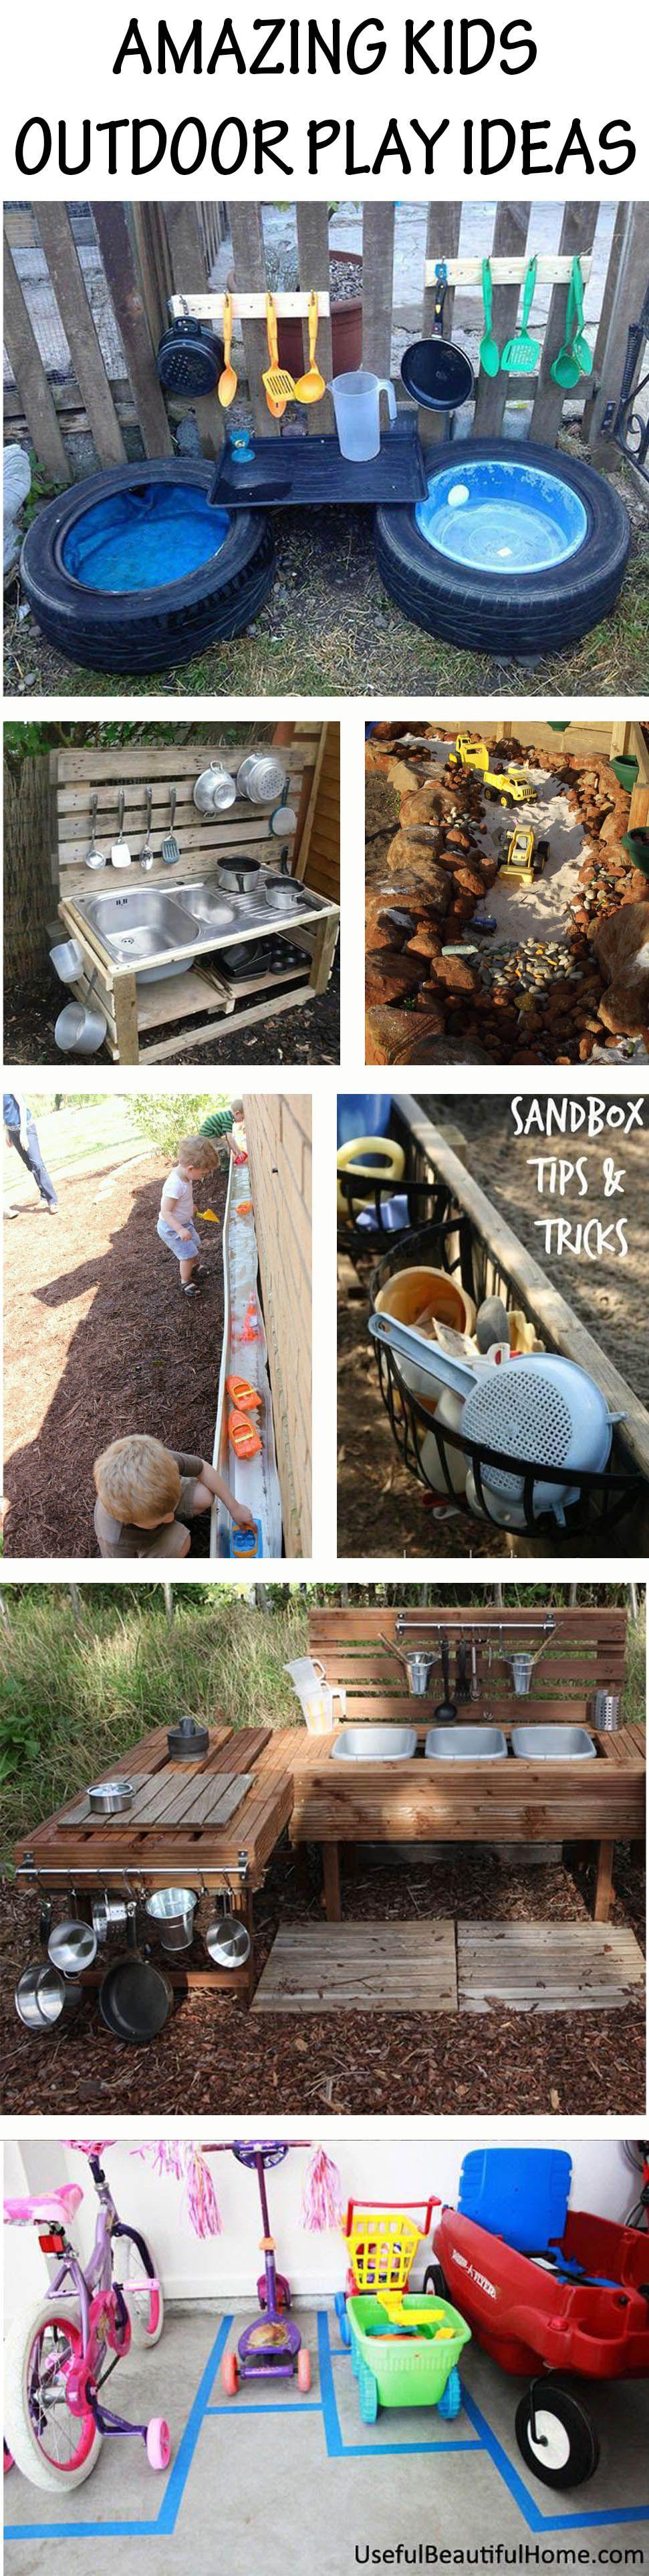 Kids Outdoor Play Ideas #ideassummer